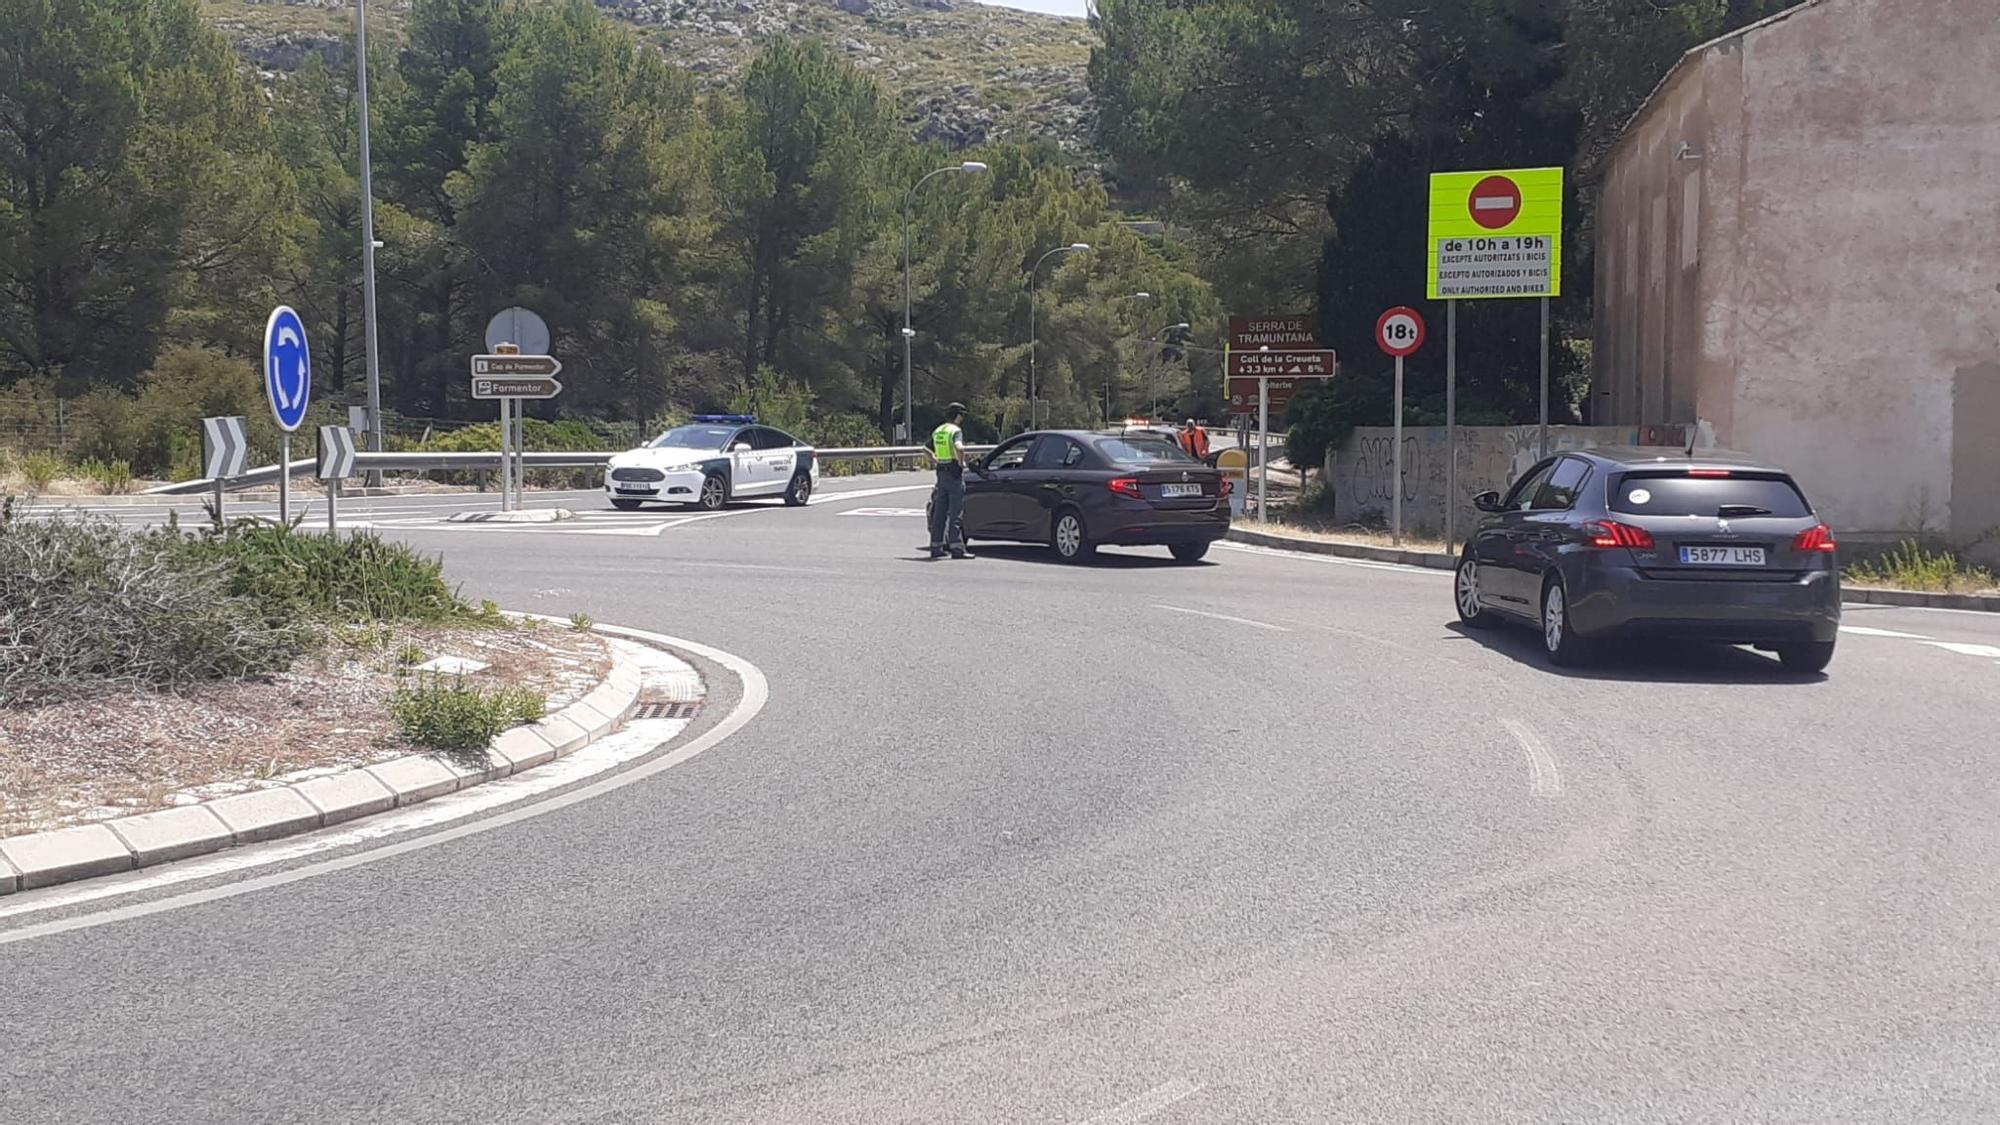 Empiezan las restricciones para llegar a Formentor: permiten el acceso en coche privado a cambio de una consumición en la playa